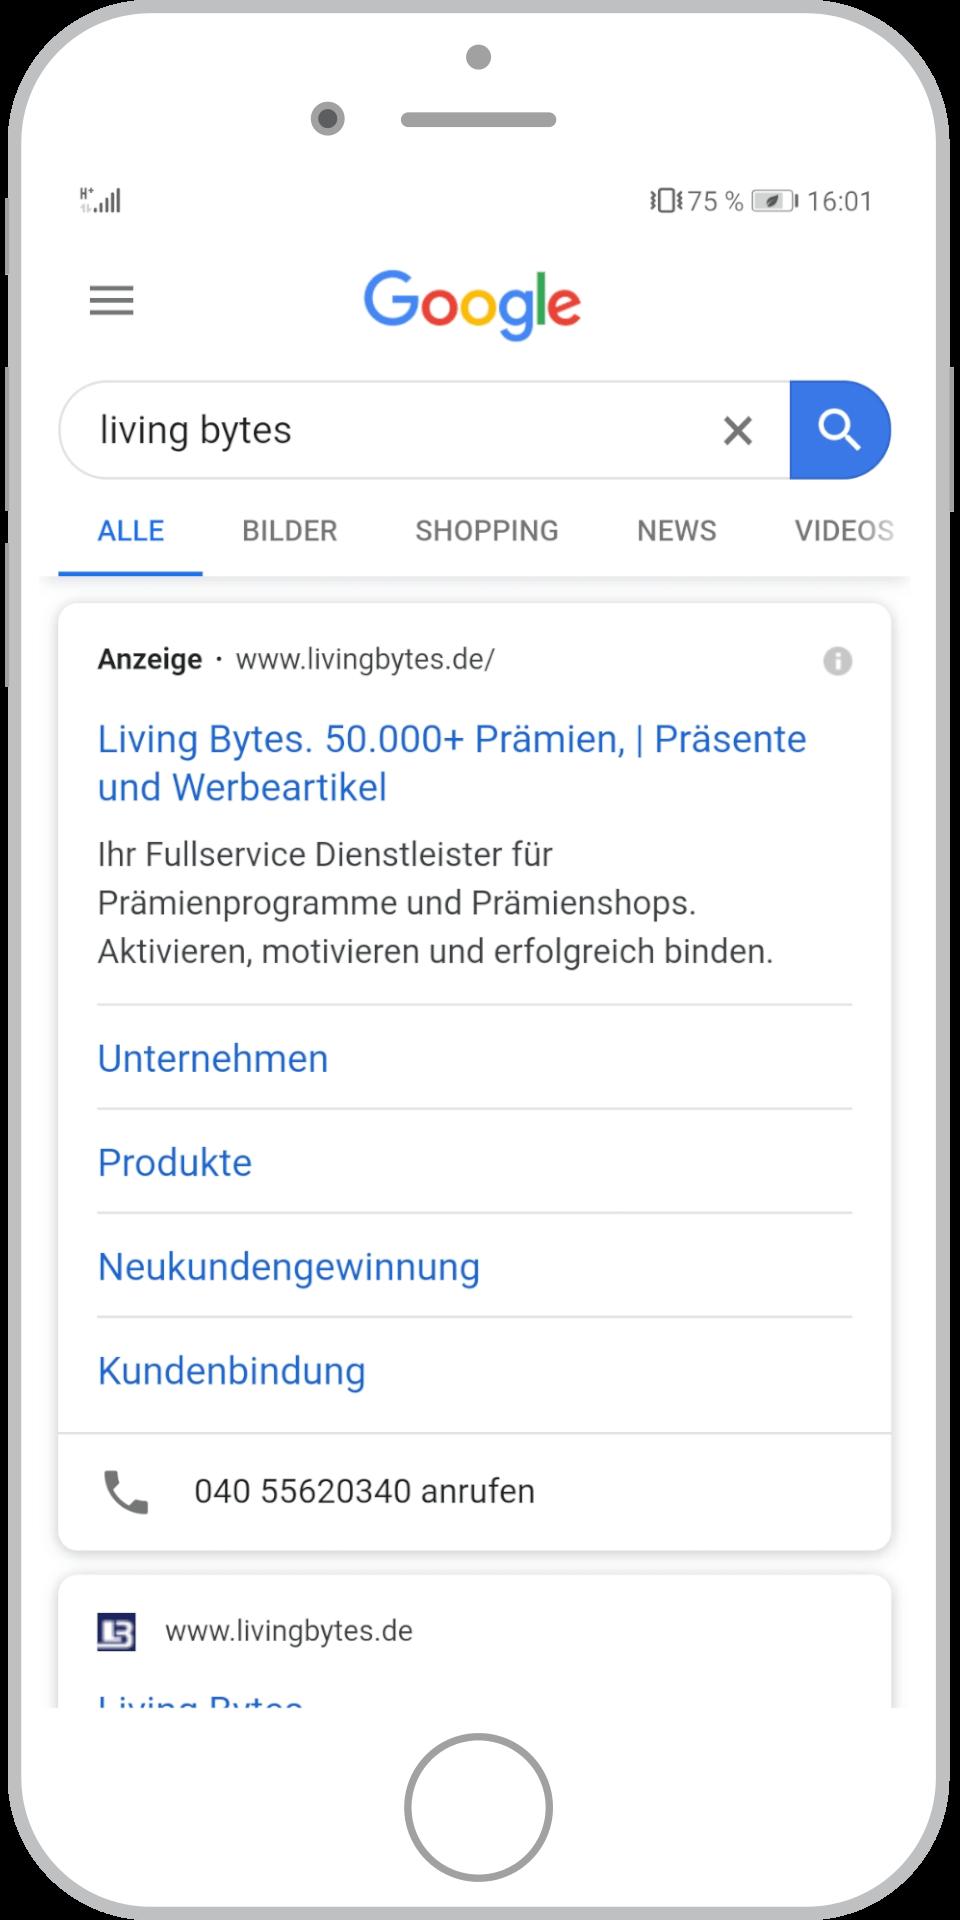 SEA-Agentur Hamburg Beispielanzeige Google Mobil